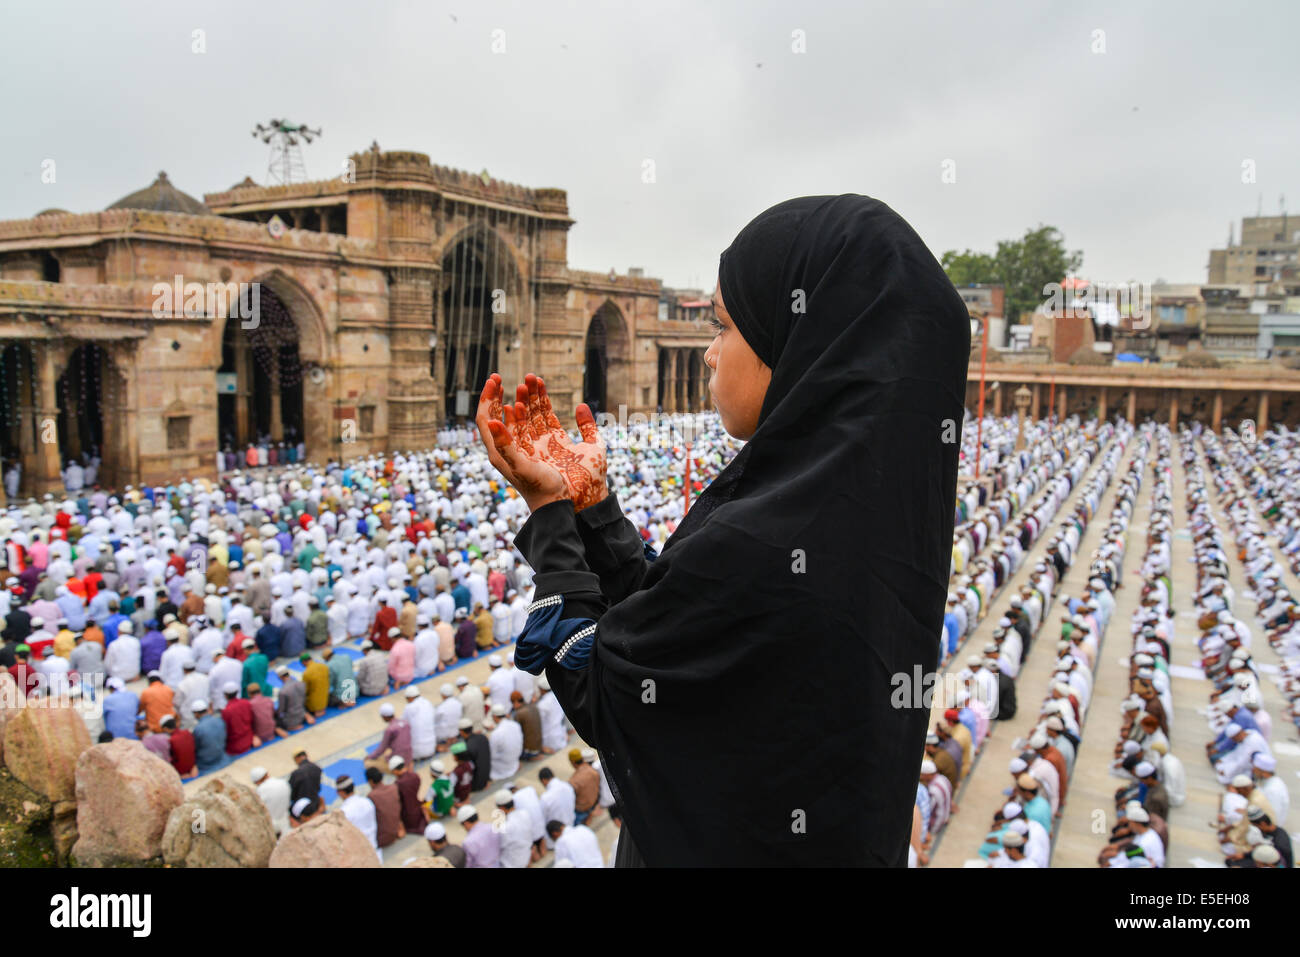 Ahmedabad, Inde. 29 juillet, 2014. Les musulmans célèbrent l'Aïd al-Fitr qui marque la fin du Photo Stock